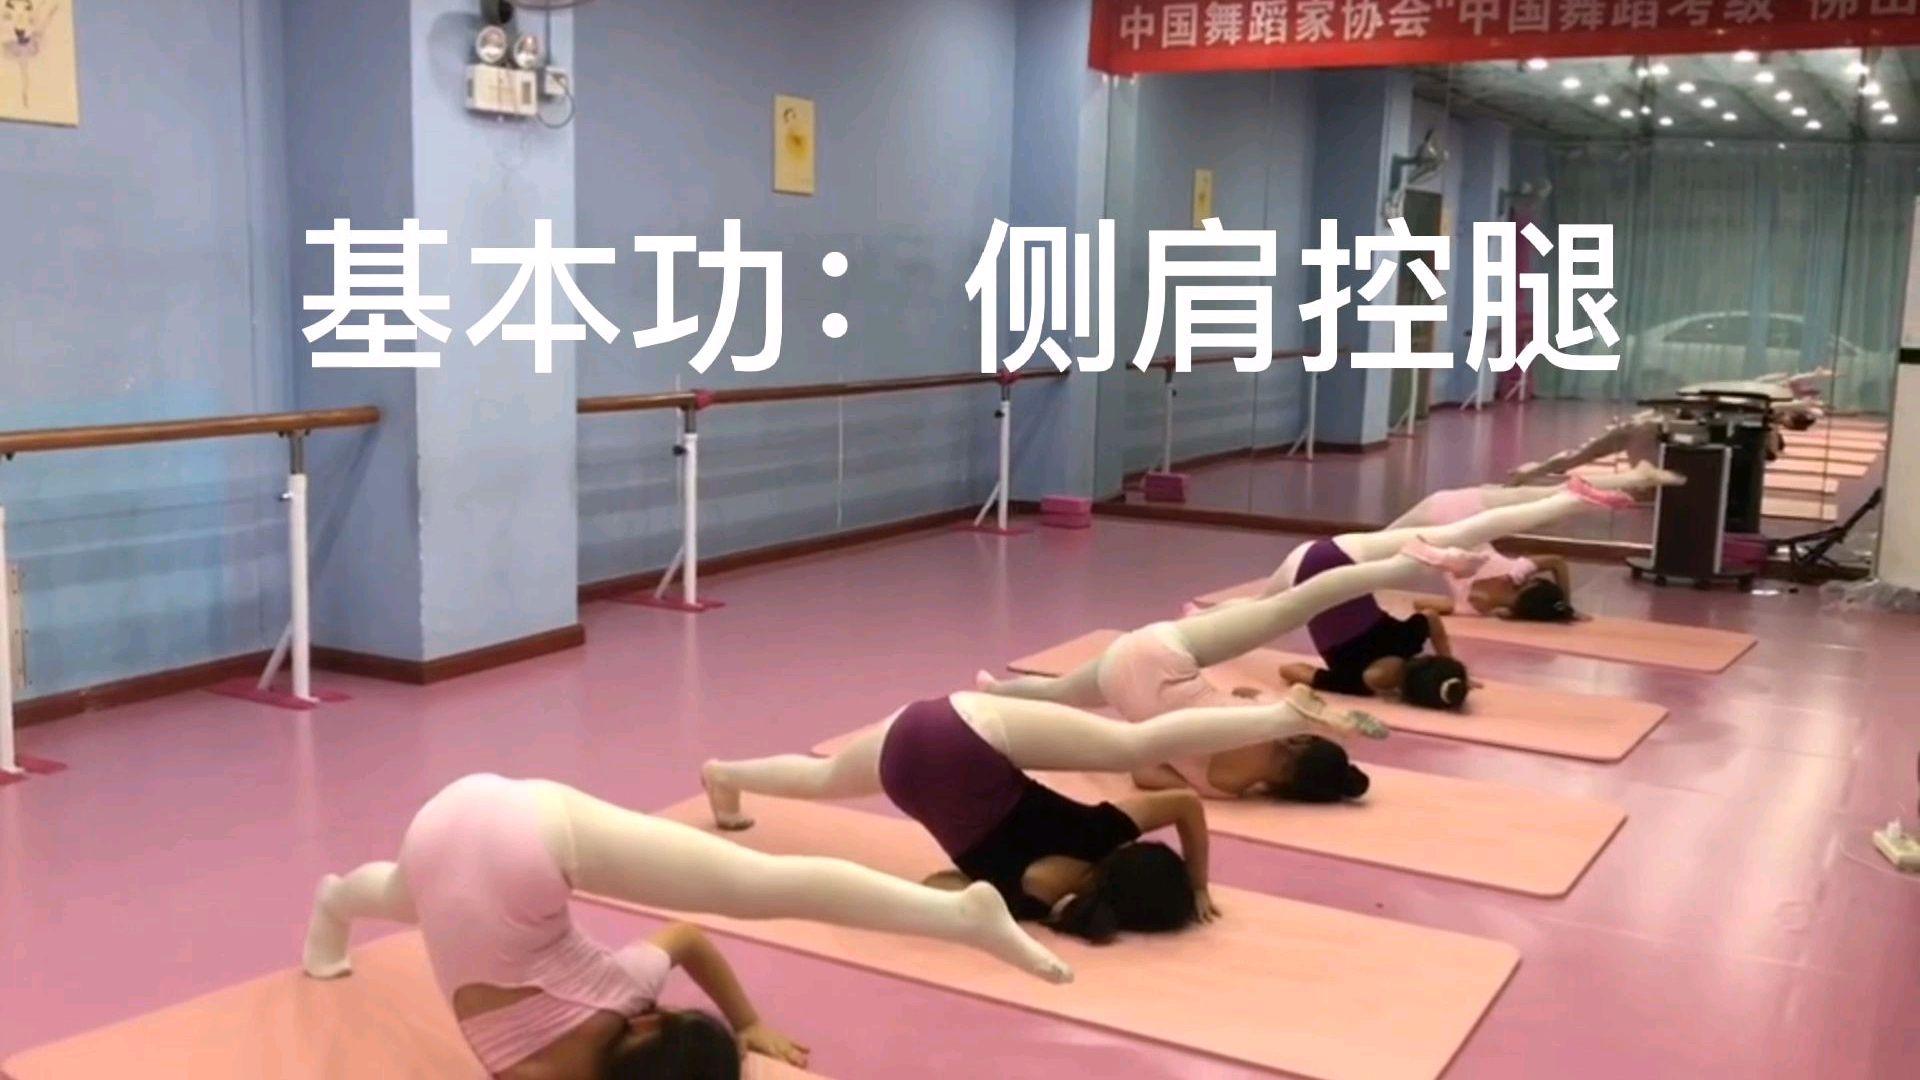 少儿舞蹈基本功:侧肩控腿+搬后腿,非常棒!继续努力!